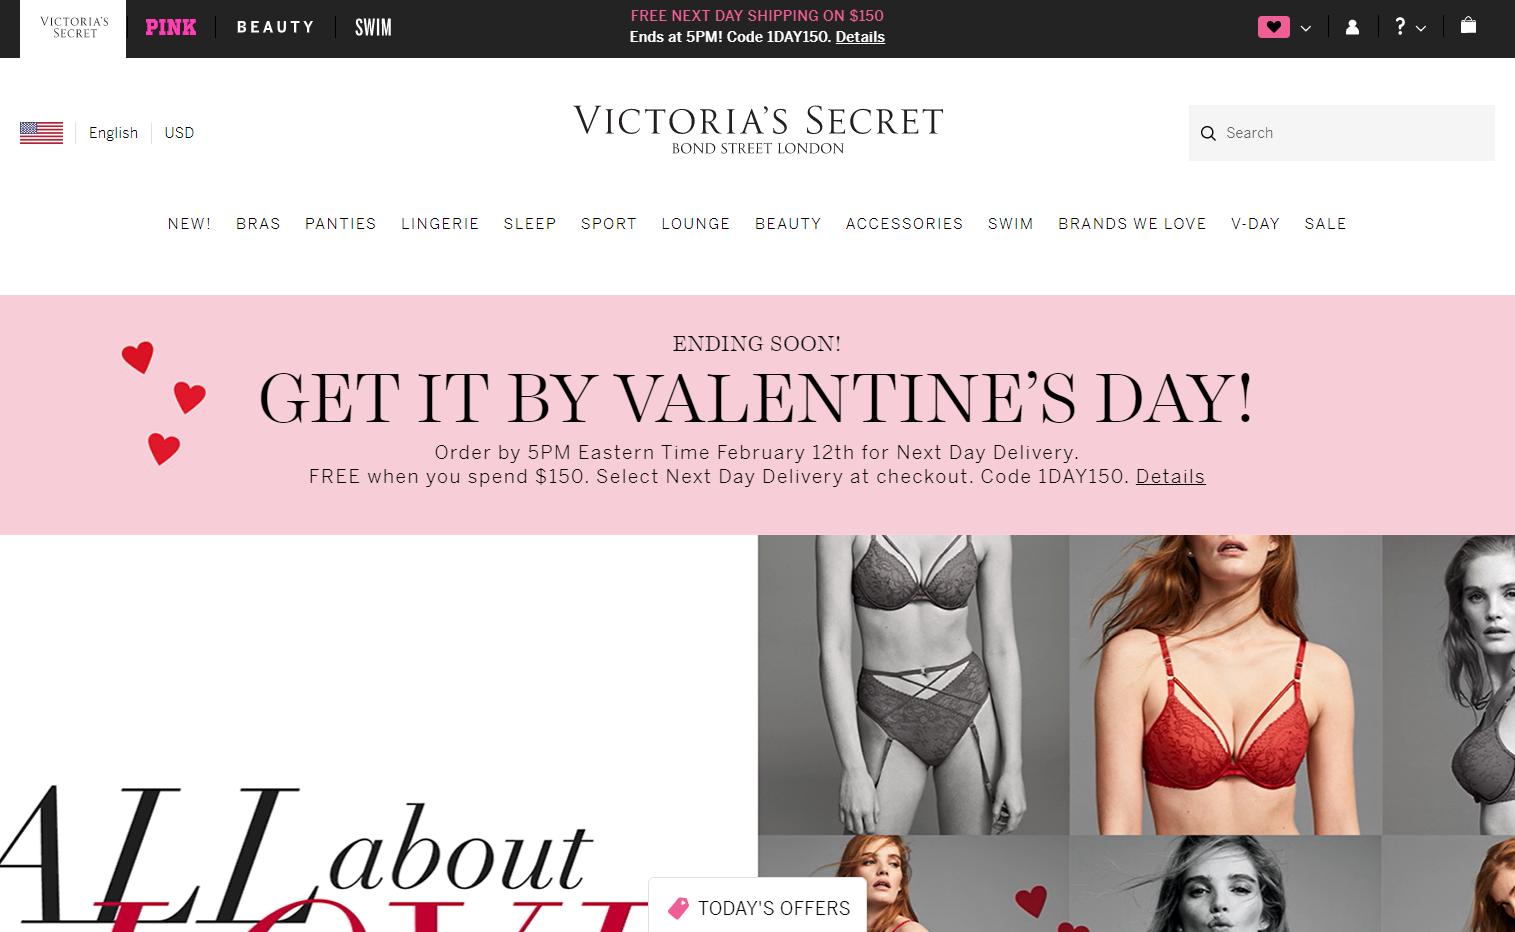 Накопительные бонусы от Victoria's Secret